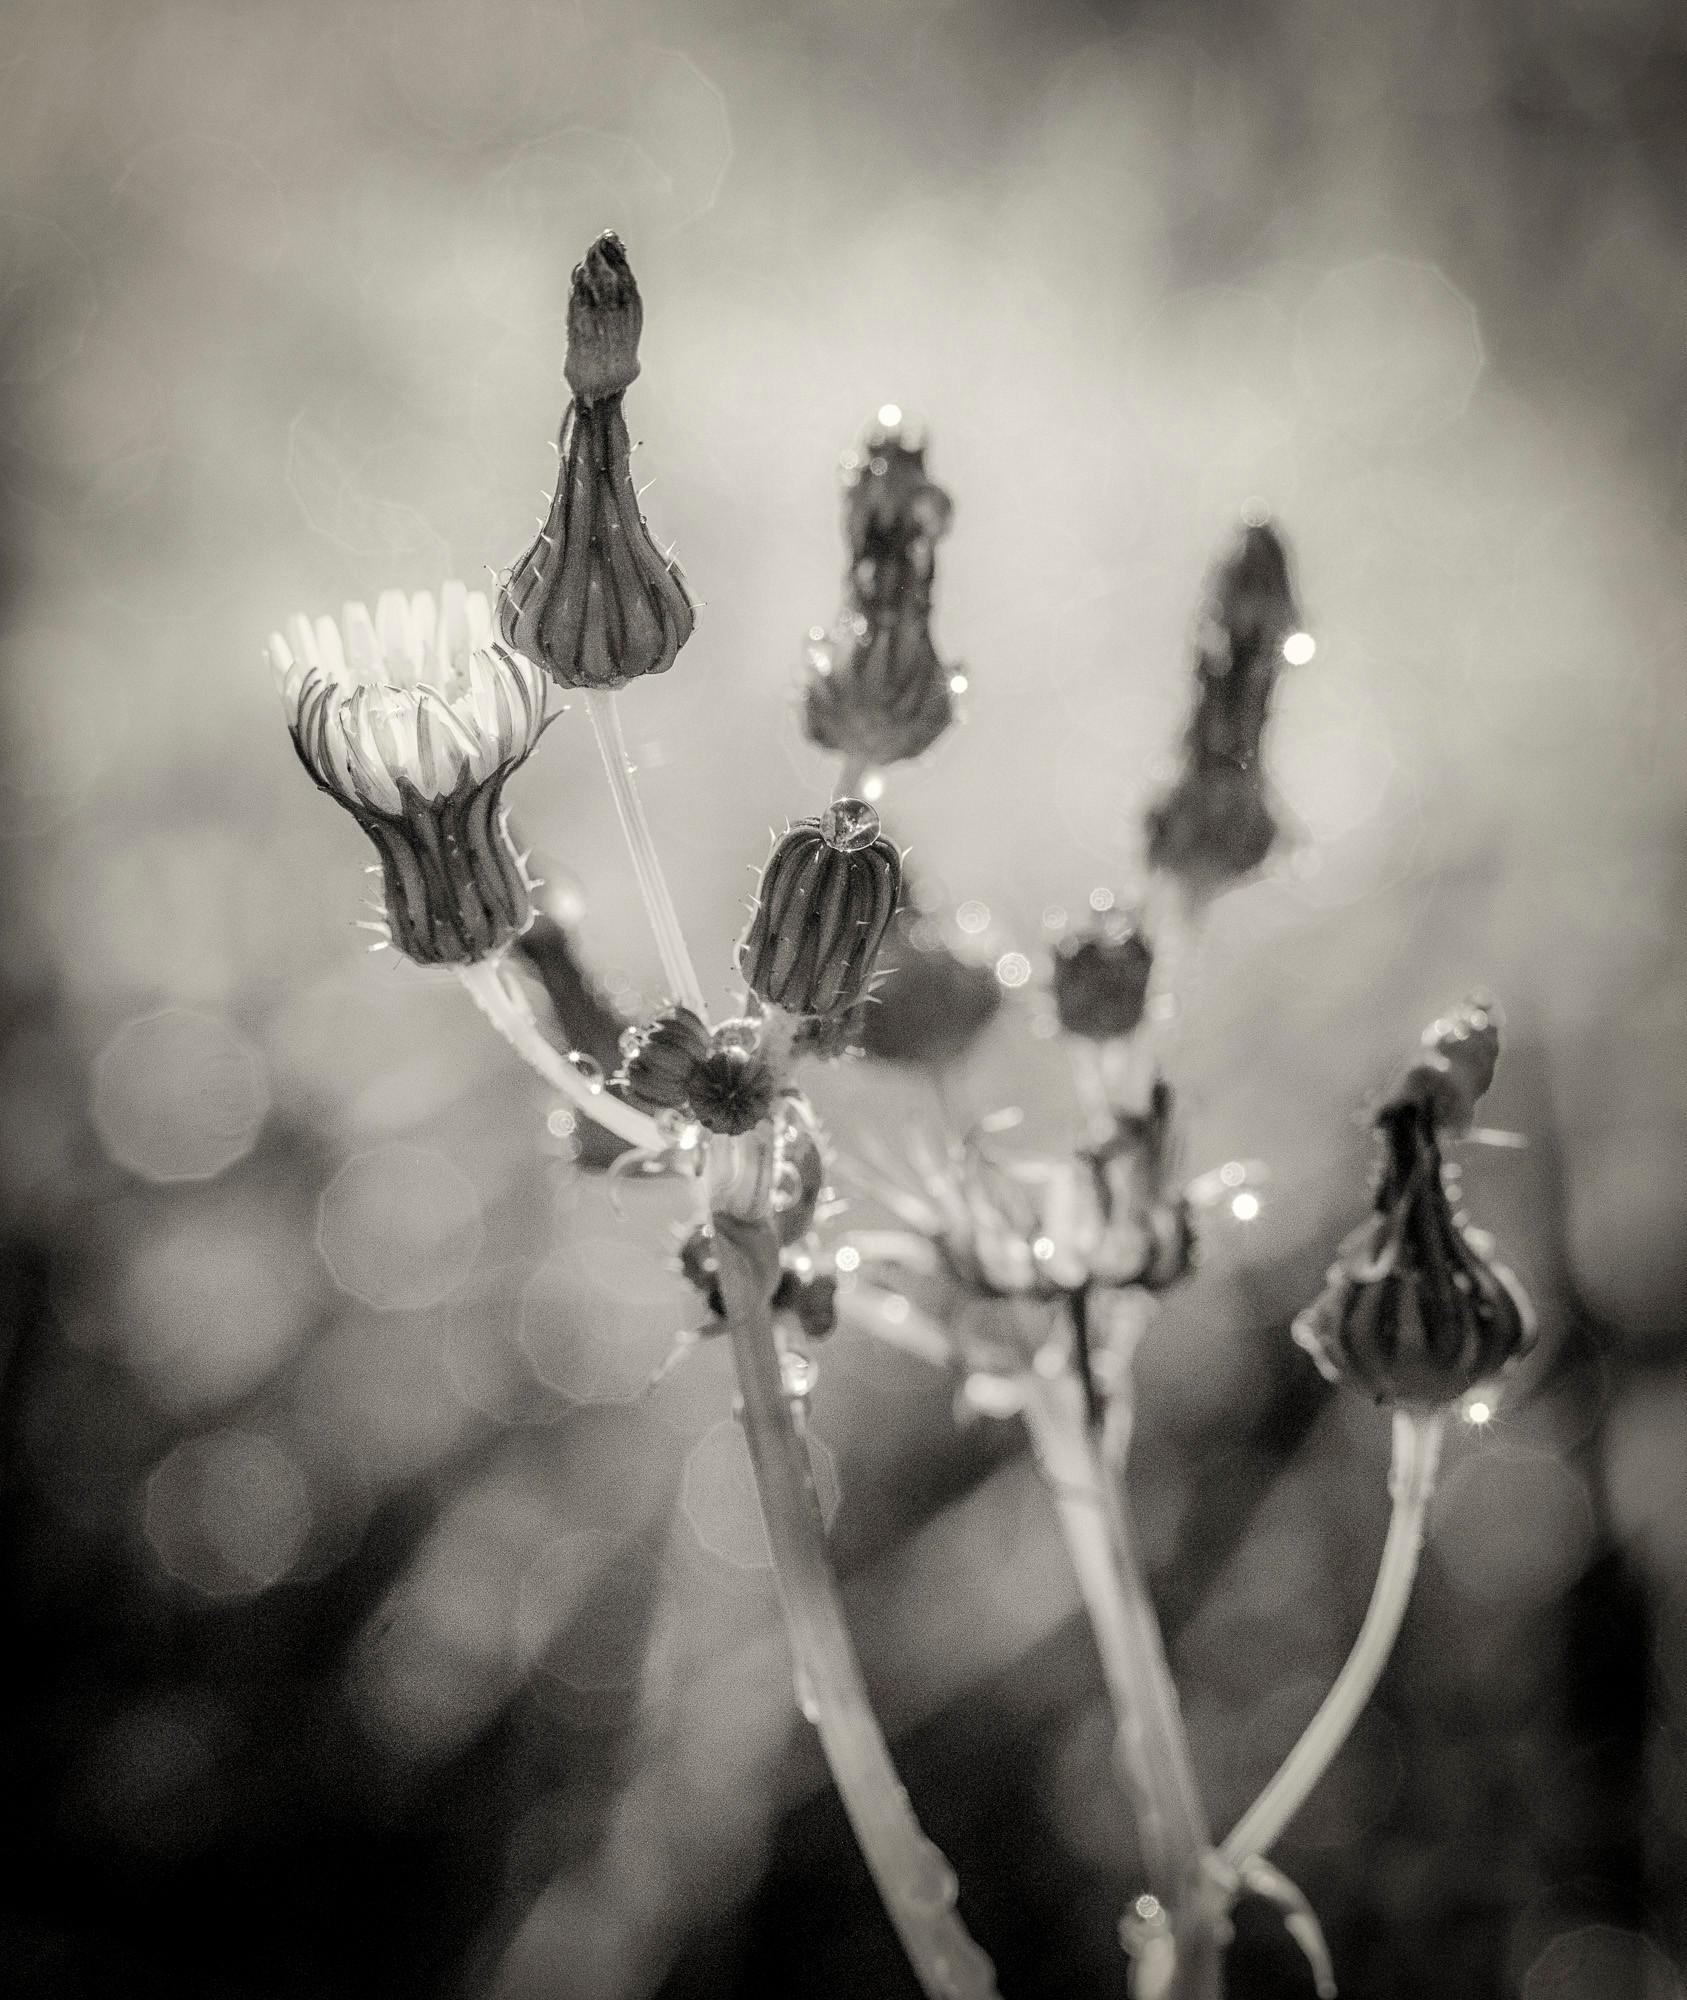 Siddho-Photography-nature-BW-3.jpg